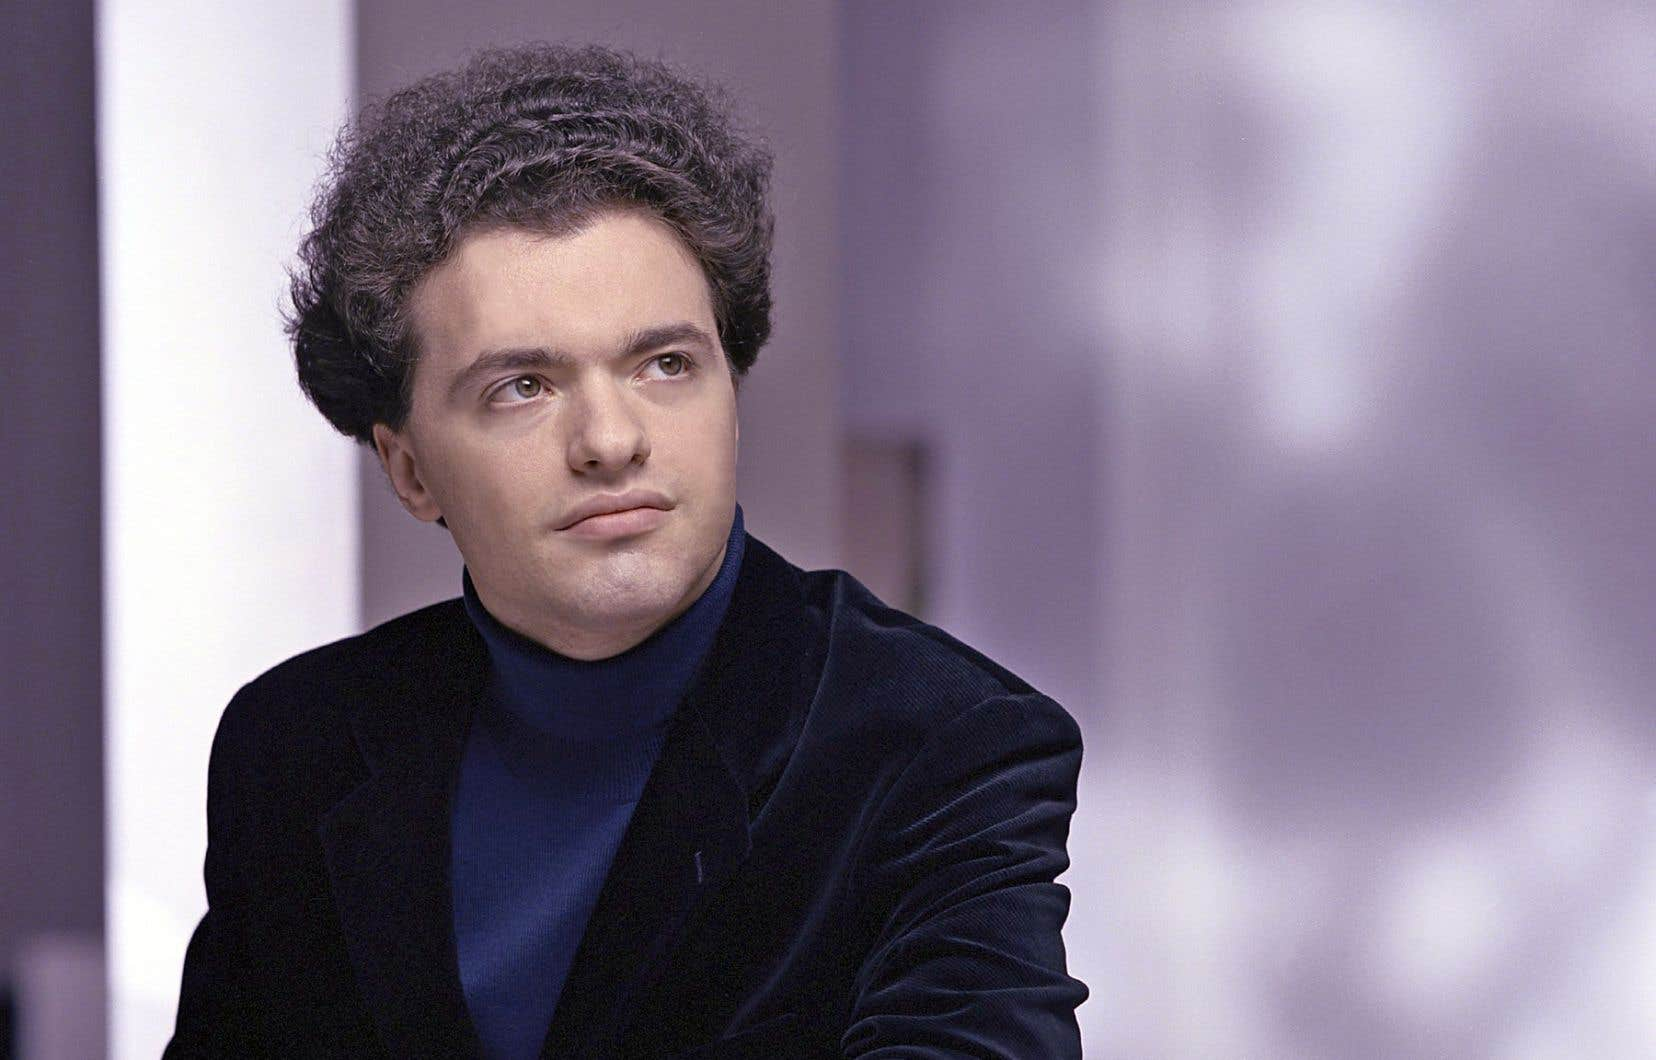 Le pianiste russe Evgeny Kissin a livré samedi une prestation qui tenait du privilège pour les spectateurs.